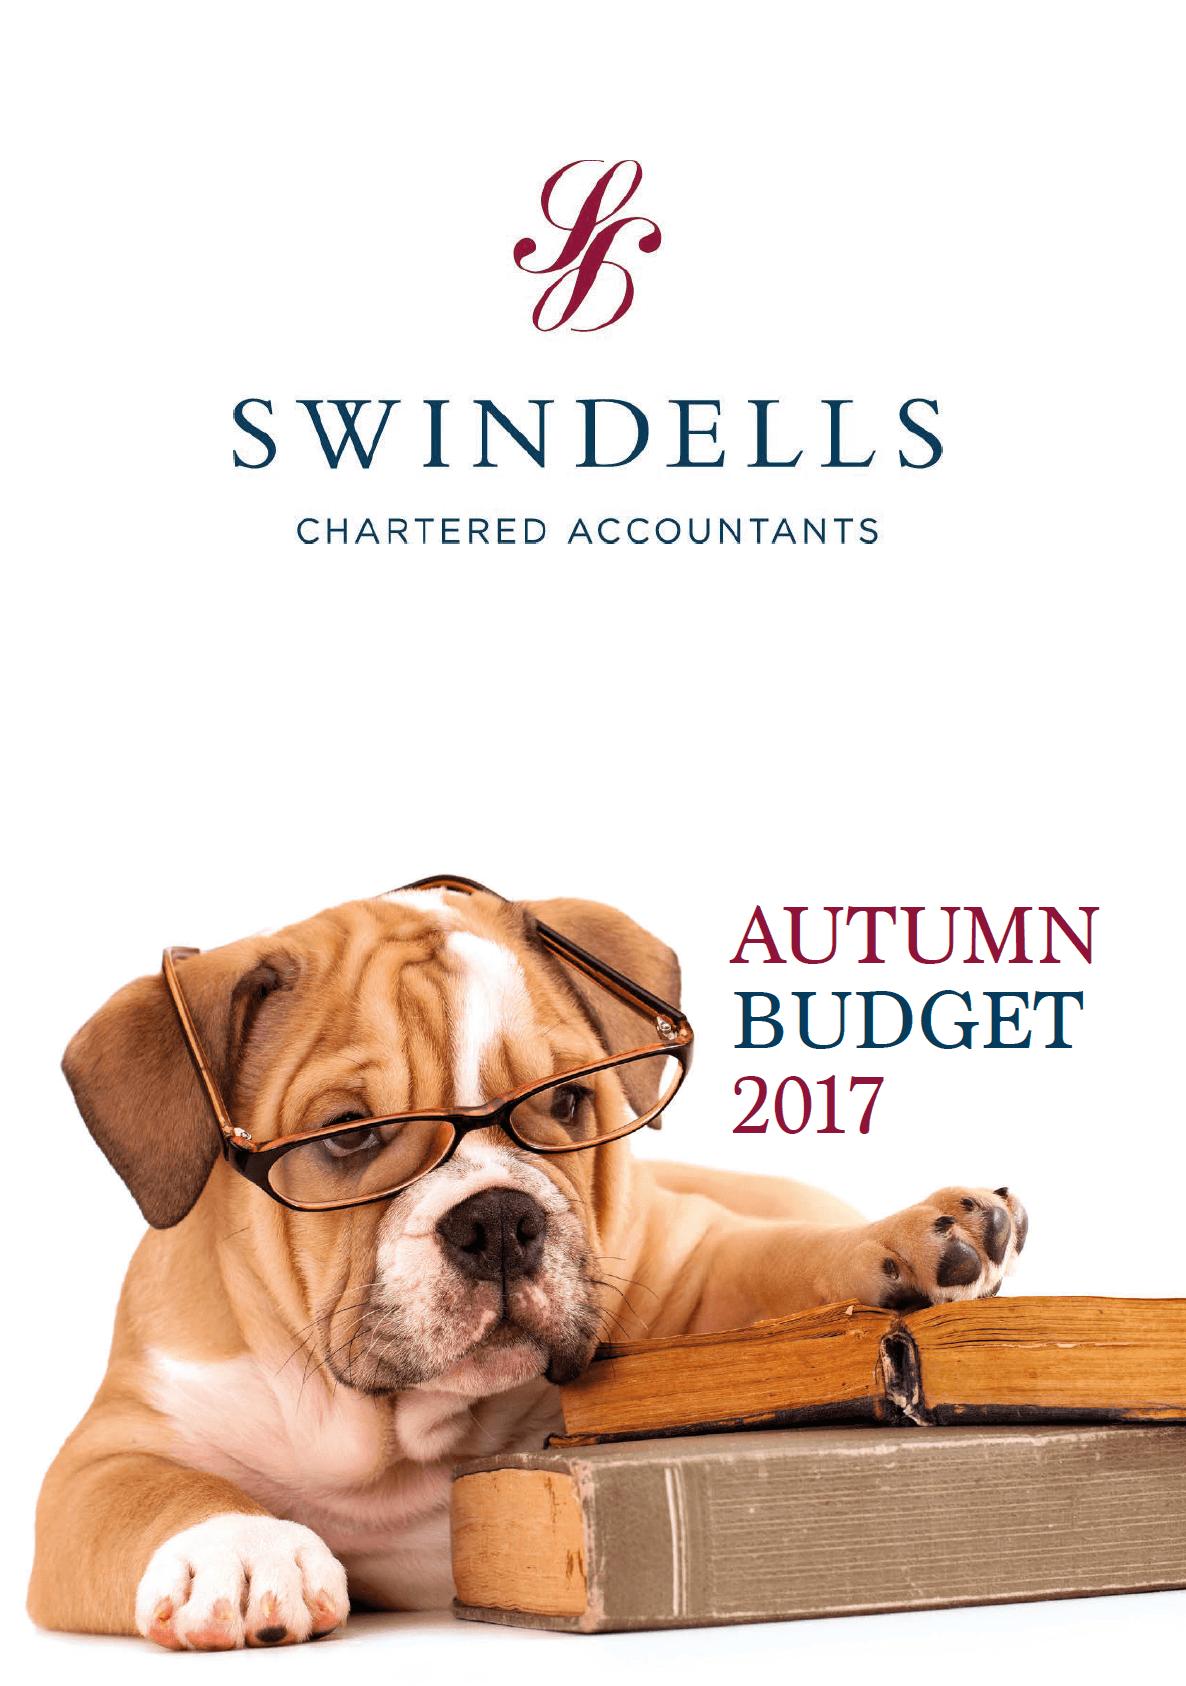 Swindells Aurtumn Budget Pack